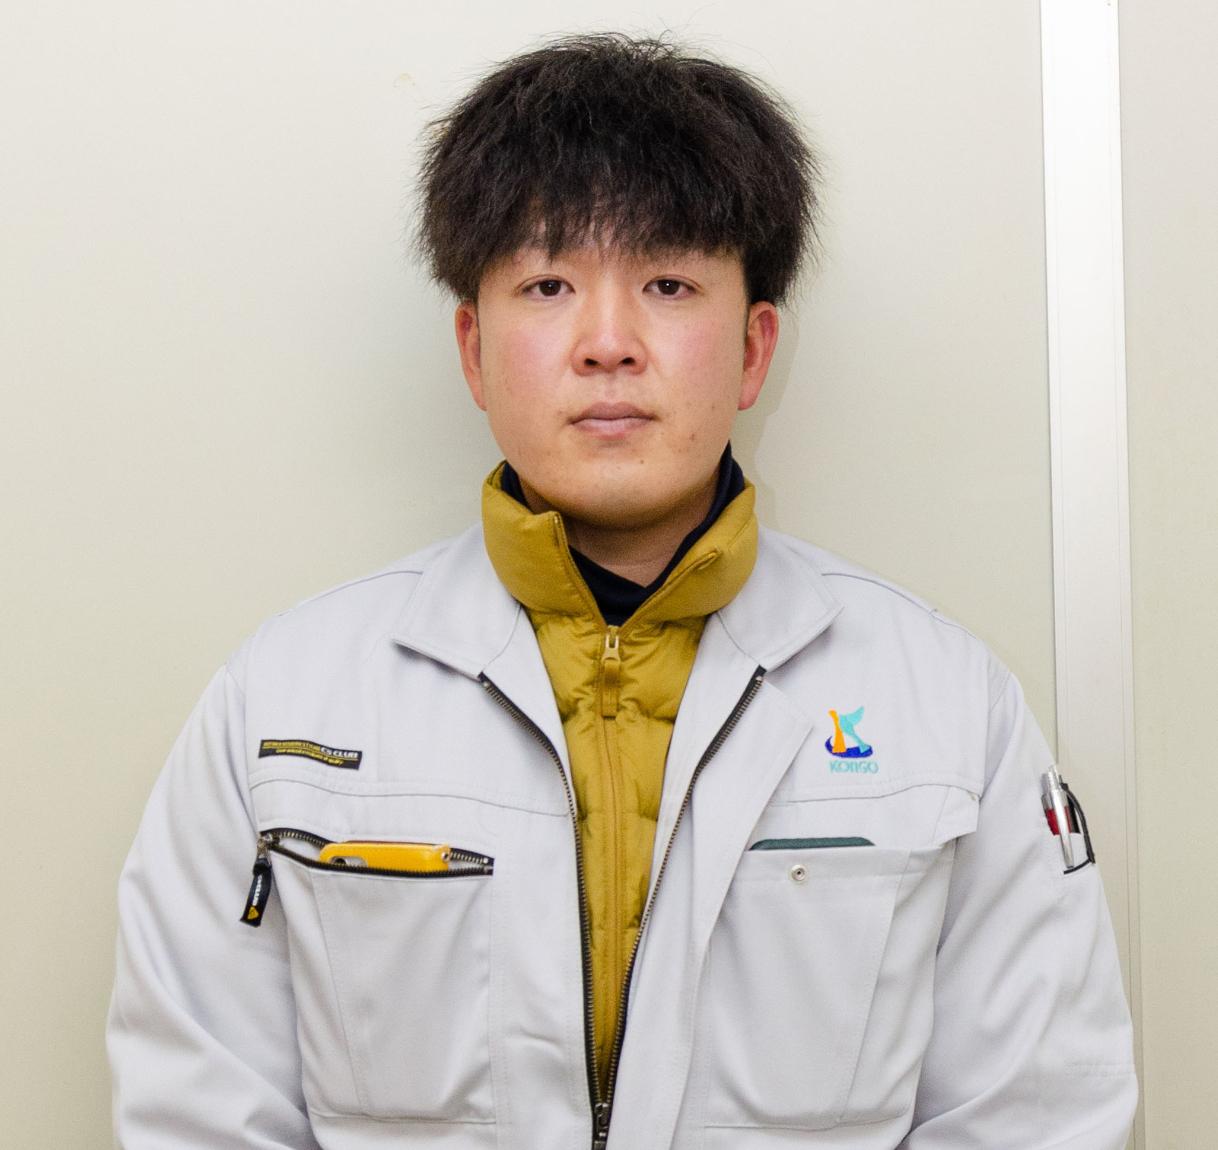 光永 潤平さん